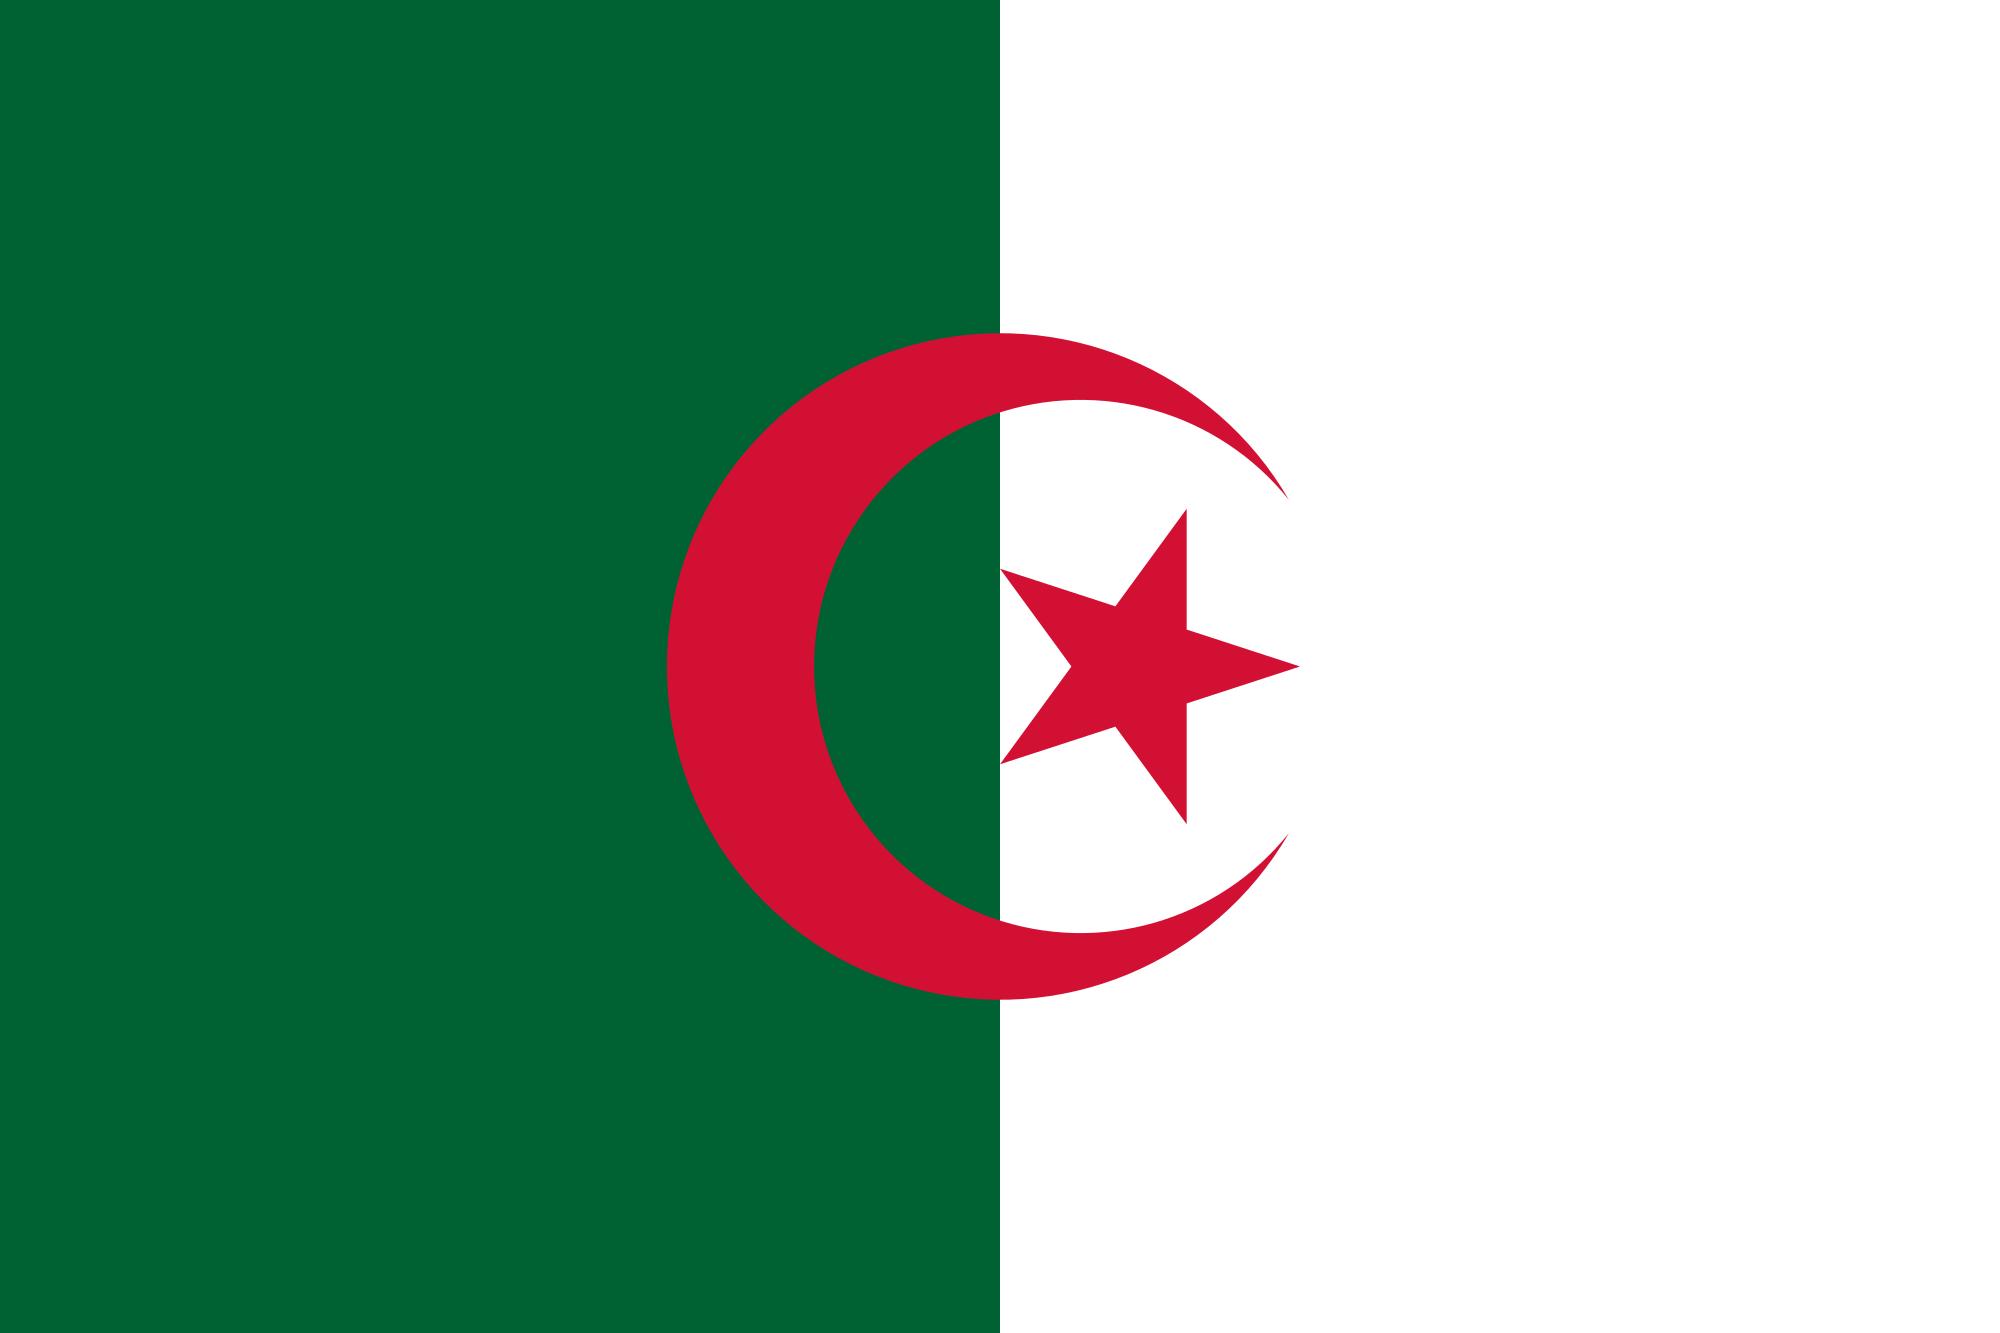 Open Hdpng.com  - Algeria, Transparent background PNG HD thumbnail